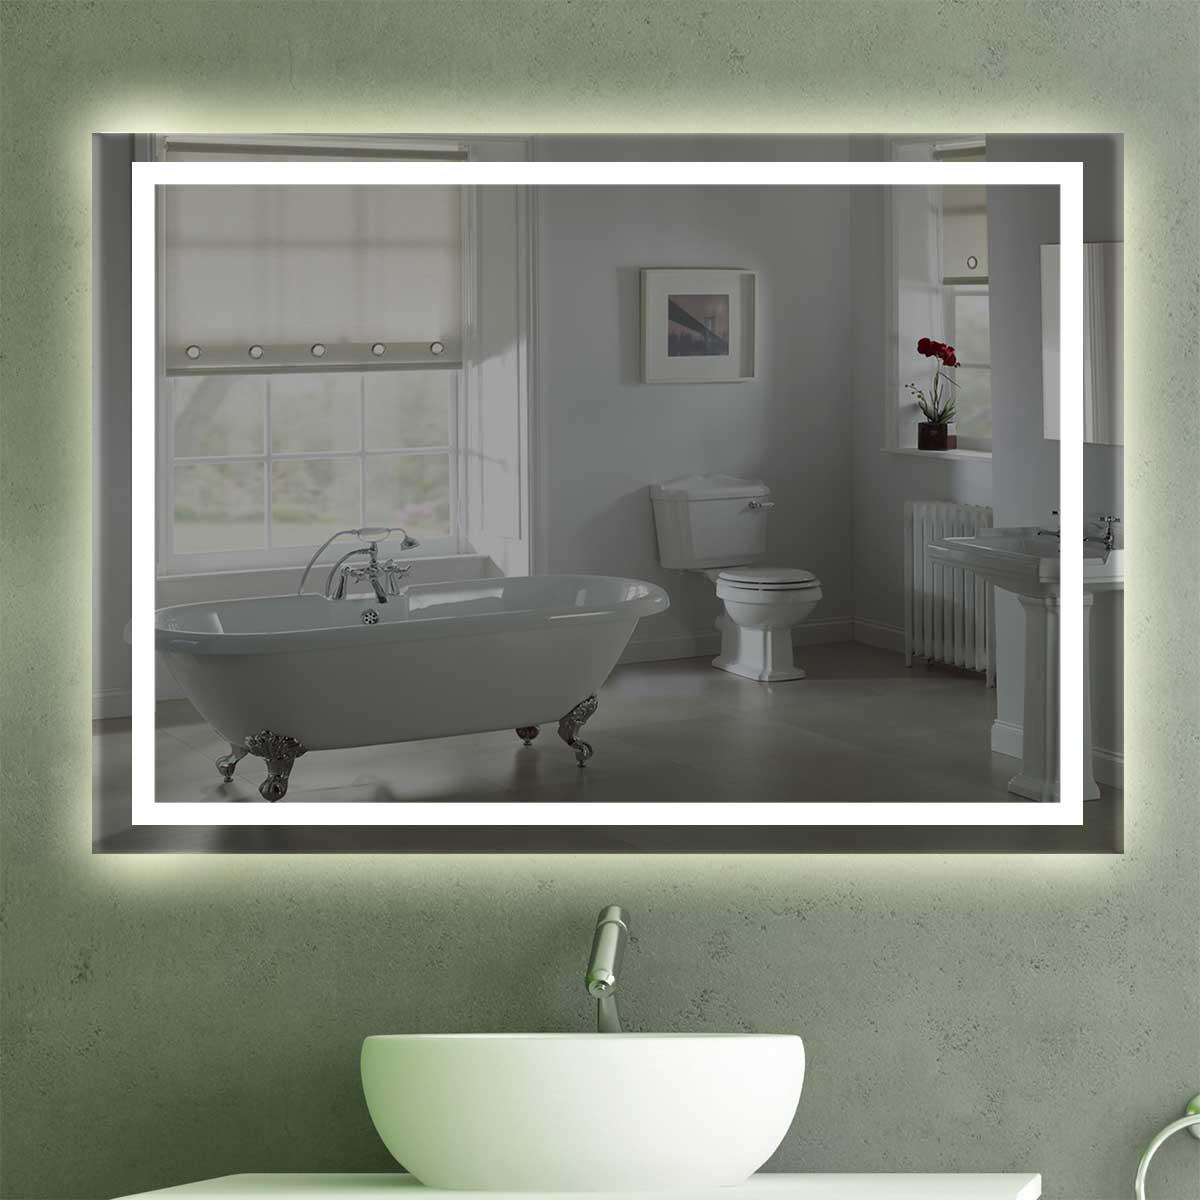 badspiegel mit beleuchtung k 203. Black Bedroom Furniture Sets. Home Design Ideas